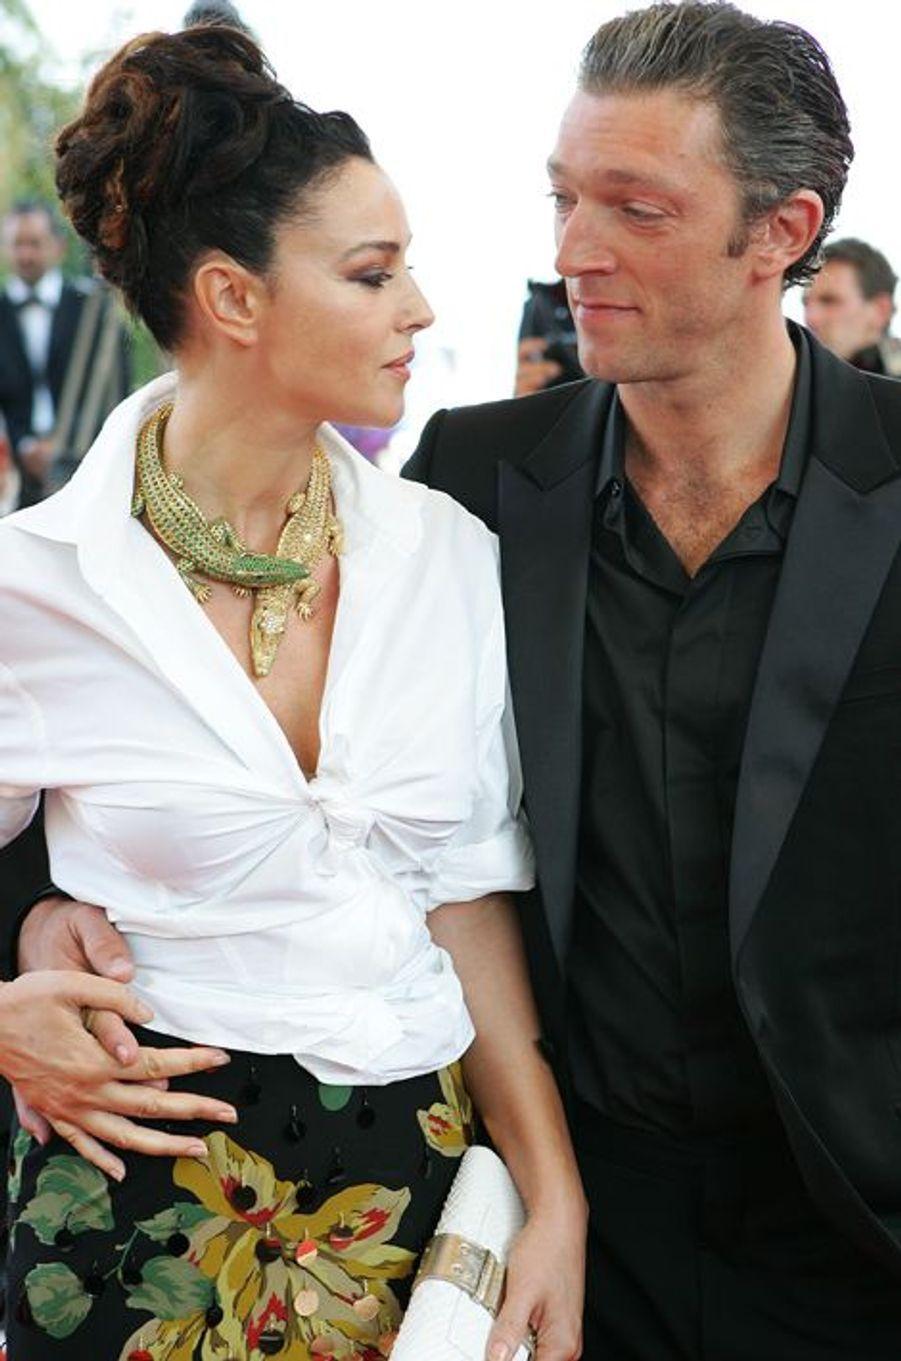 """Ils se sont rencontrés sur le tournage du film """"L'Appartement"""" en 1995 et après quatre de relation ont décidé de se marier durant l'été 1999. De leur union naîtront deux filles, Deva née en 2004 et Léonie en 2010. Mais après plus de 18 ans de mariage, d'apparitions en duo et de collaborations devant la caméra, le couple se sépare à l'été 2013."""